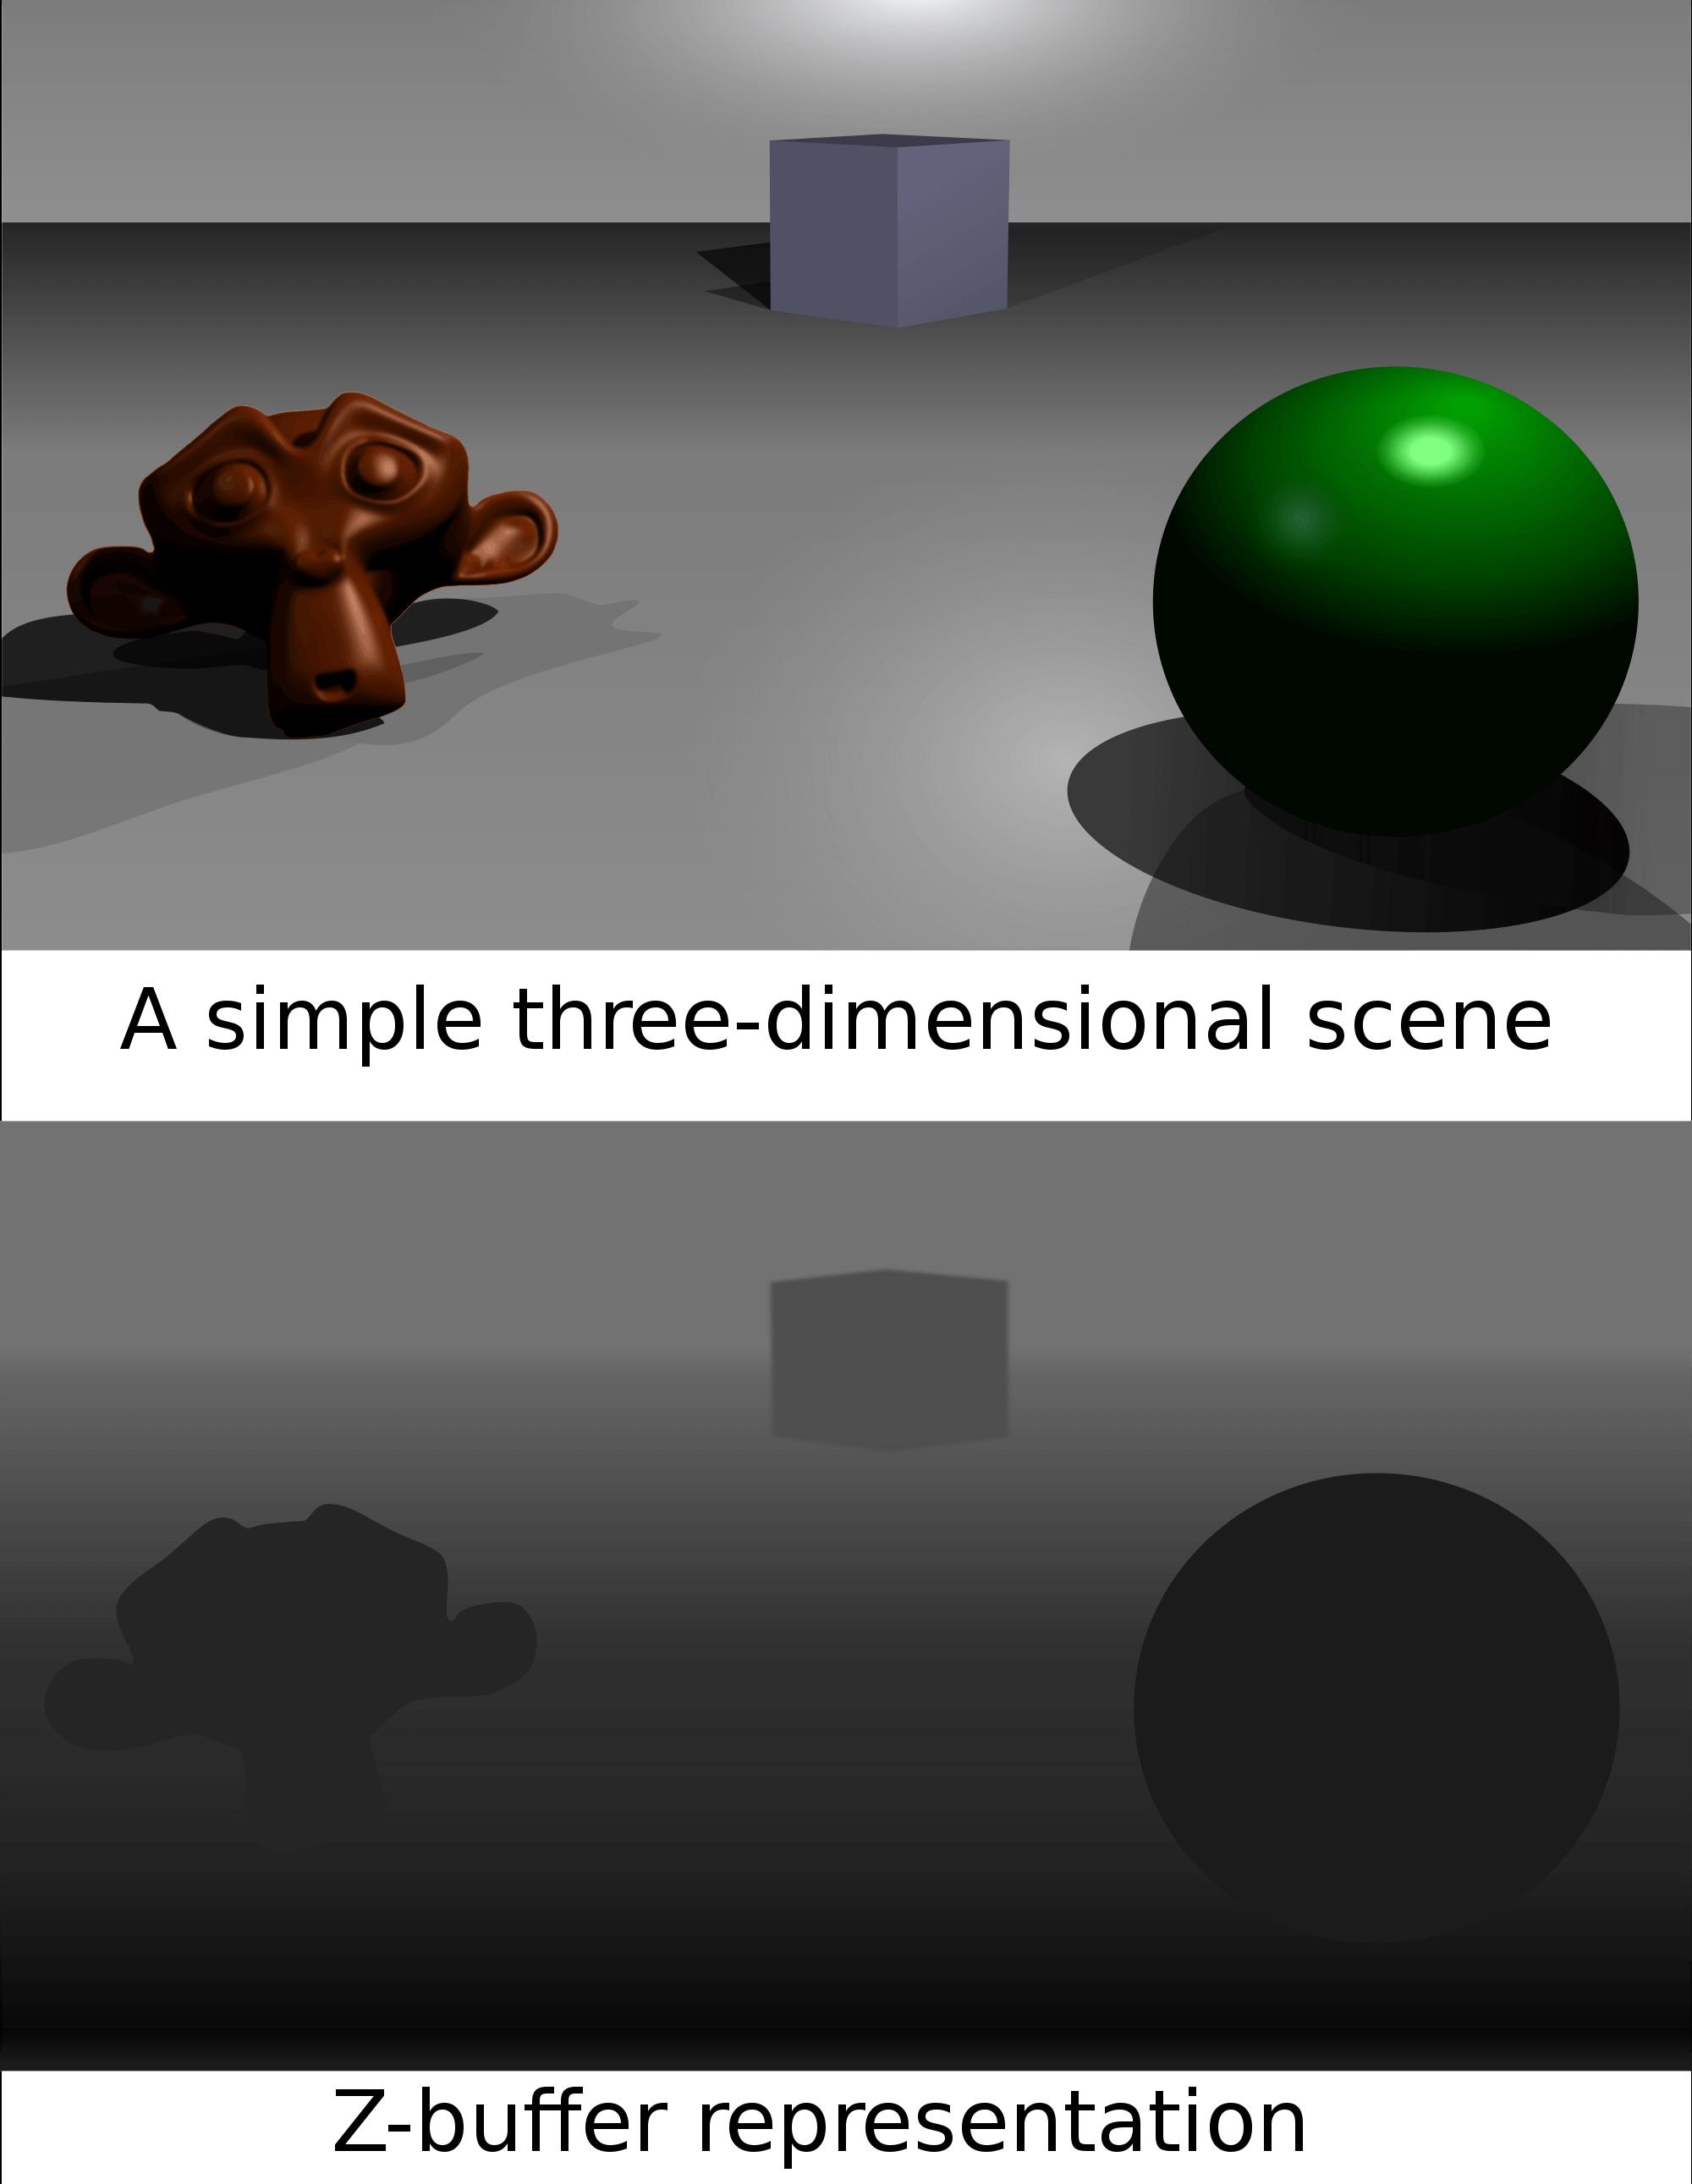 Как работает рендеринг 3D-игр: растеризация и трассировка лучей - 22